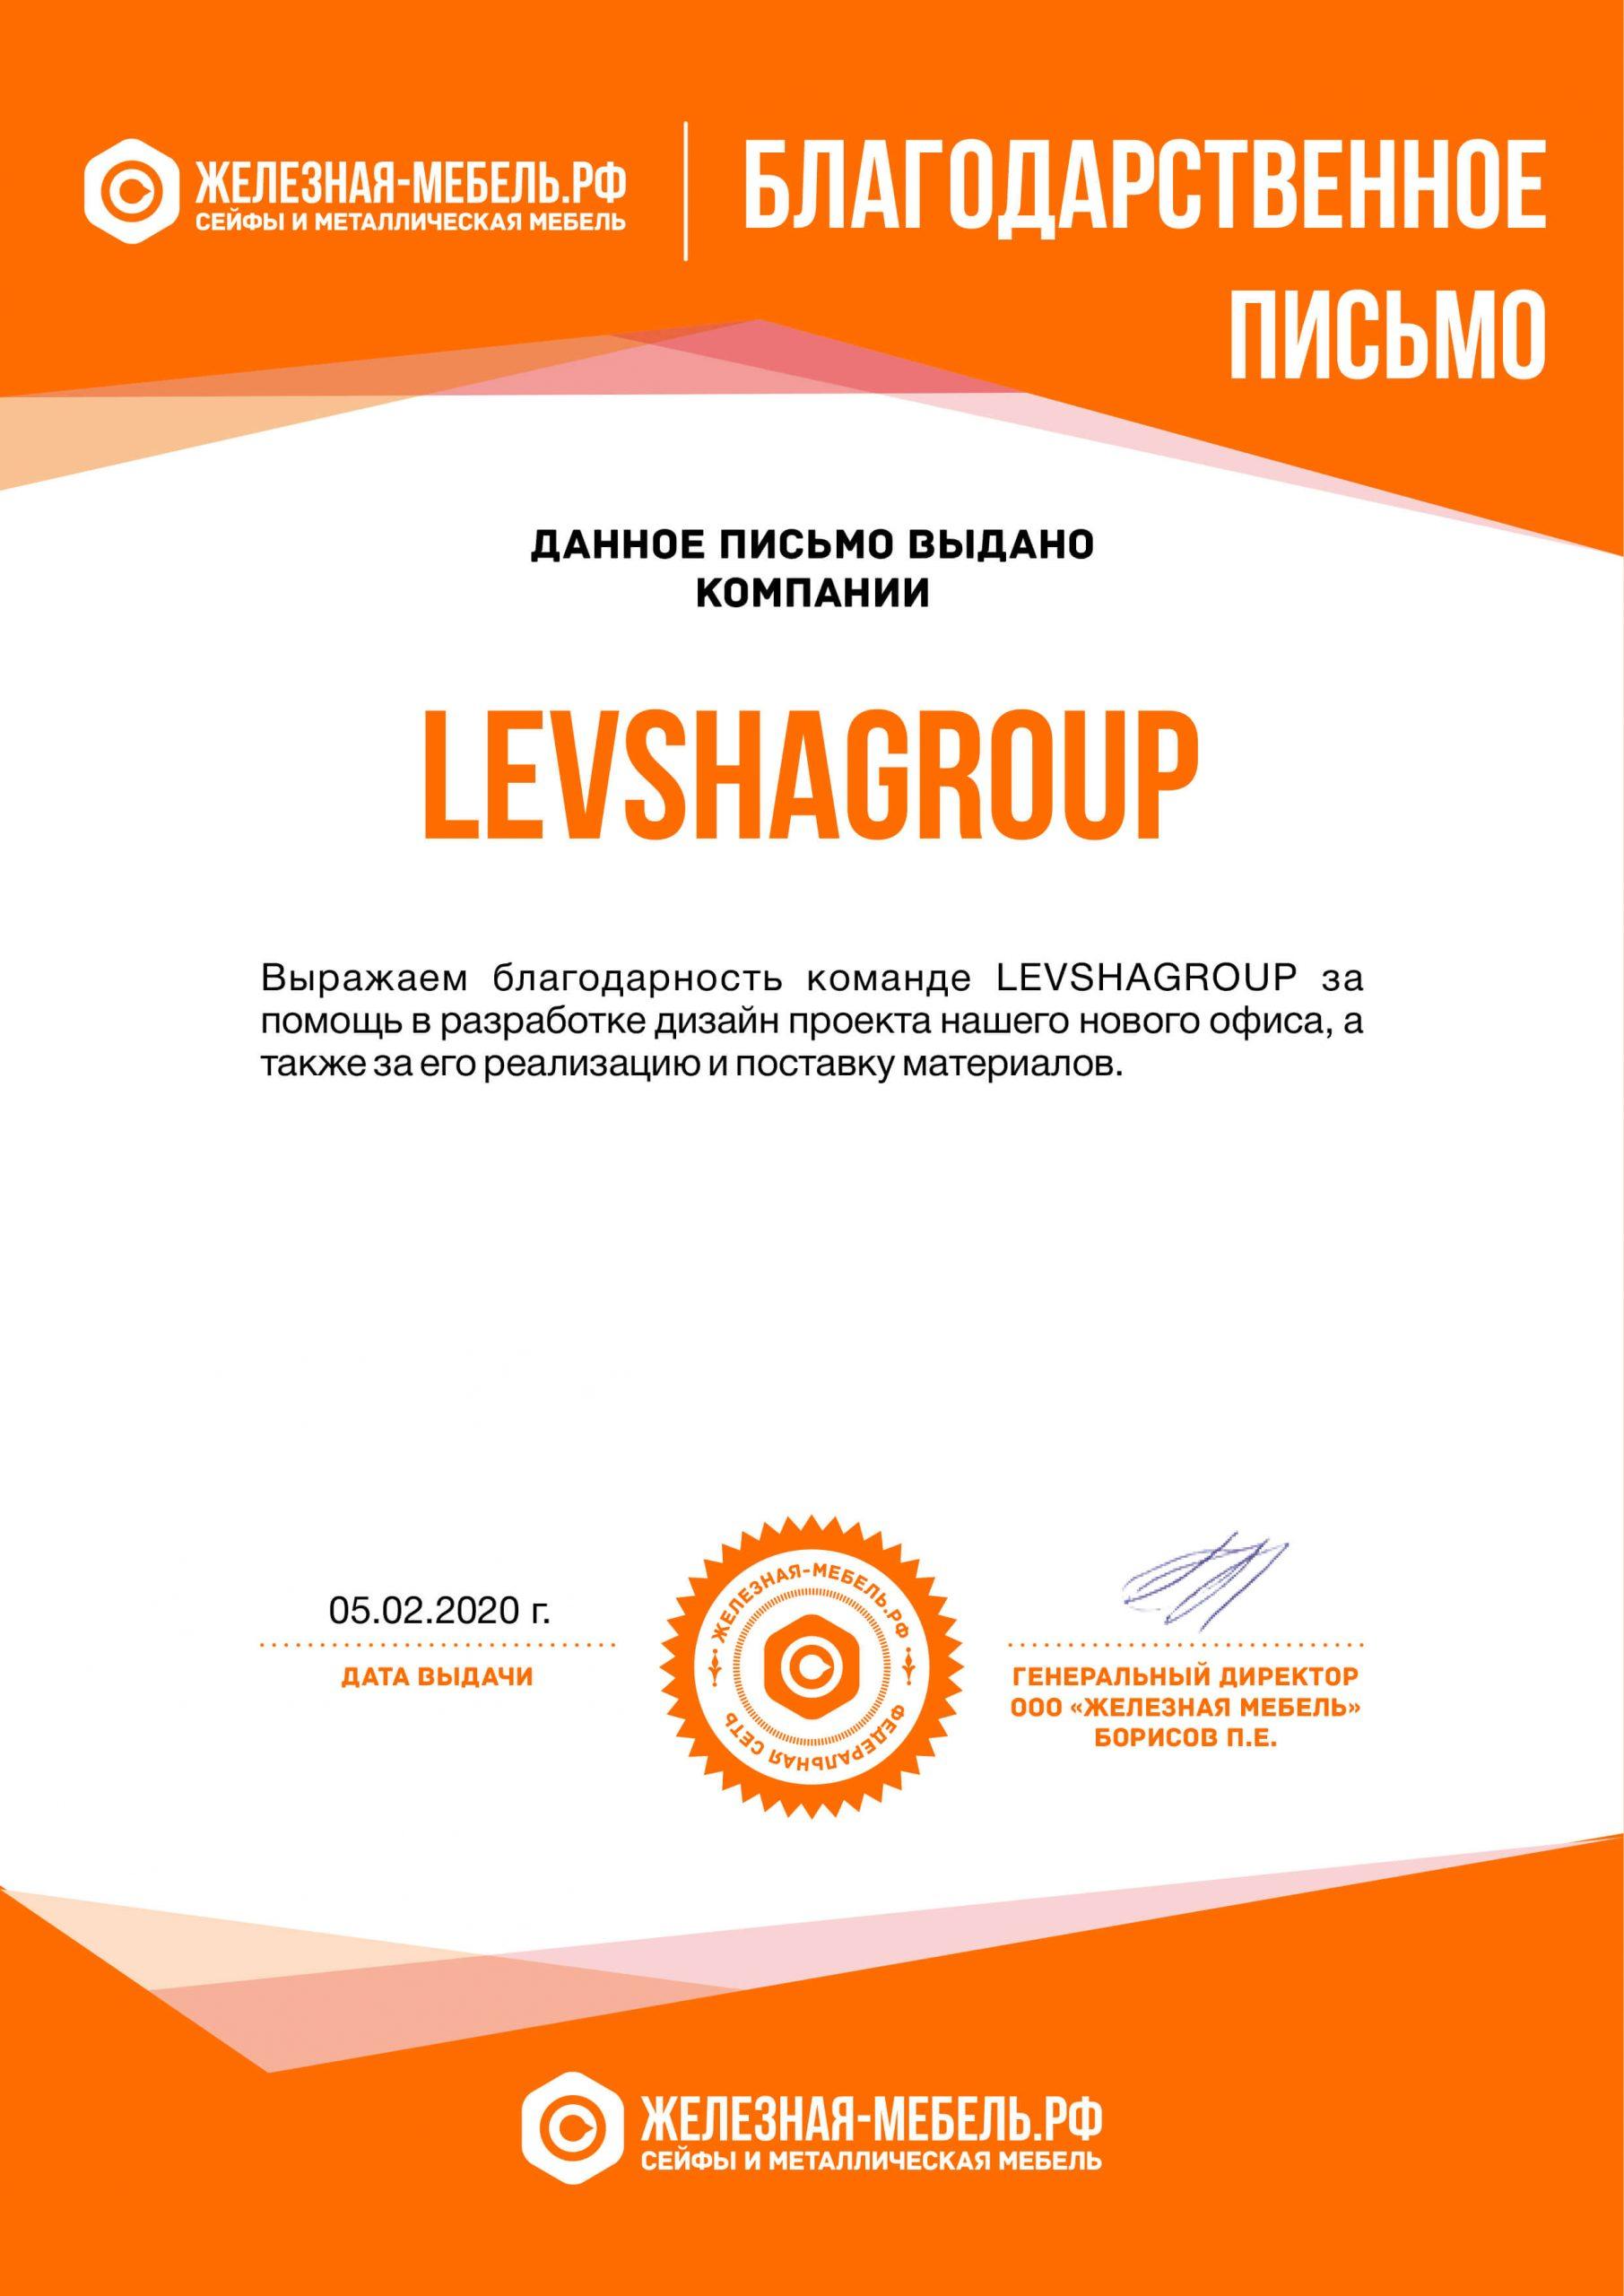 благодарственное письмо дизайн интерьеров Тюмень ЛевшаГрупп сертификат